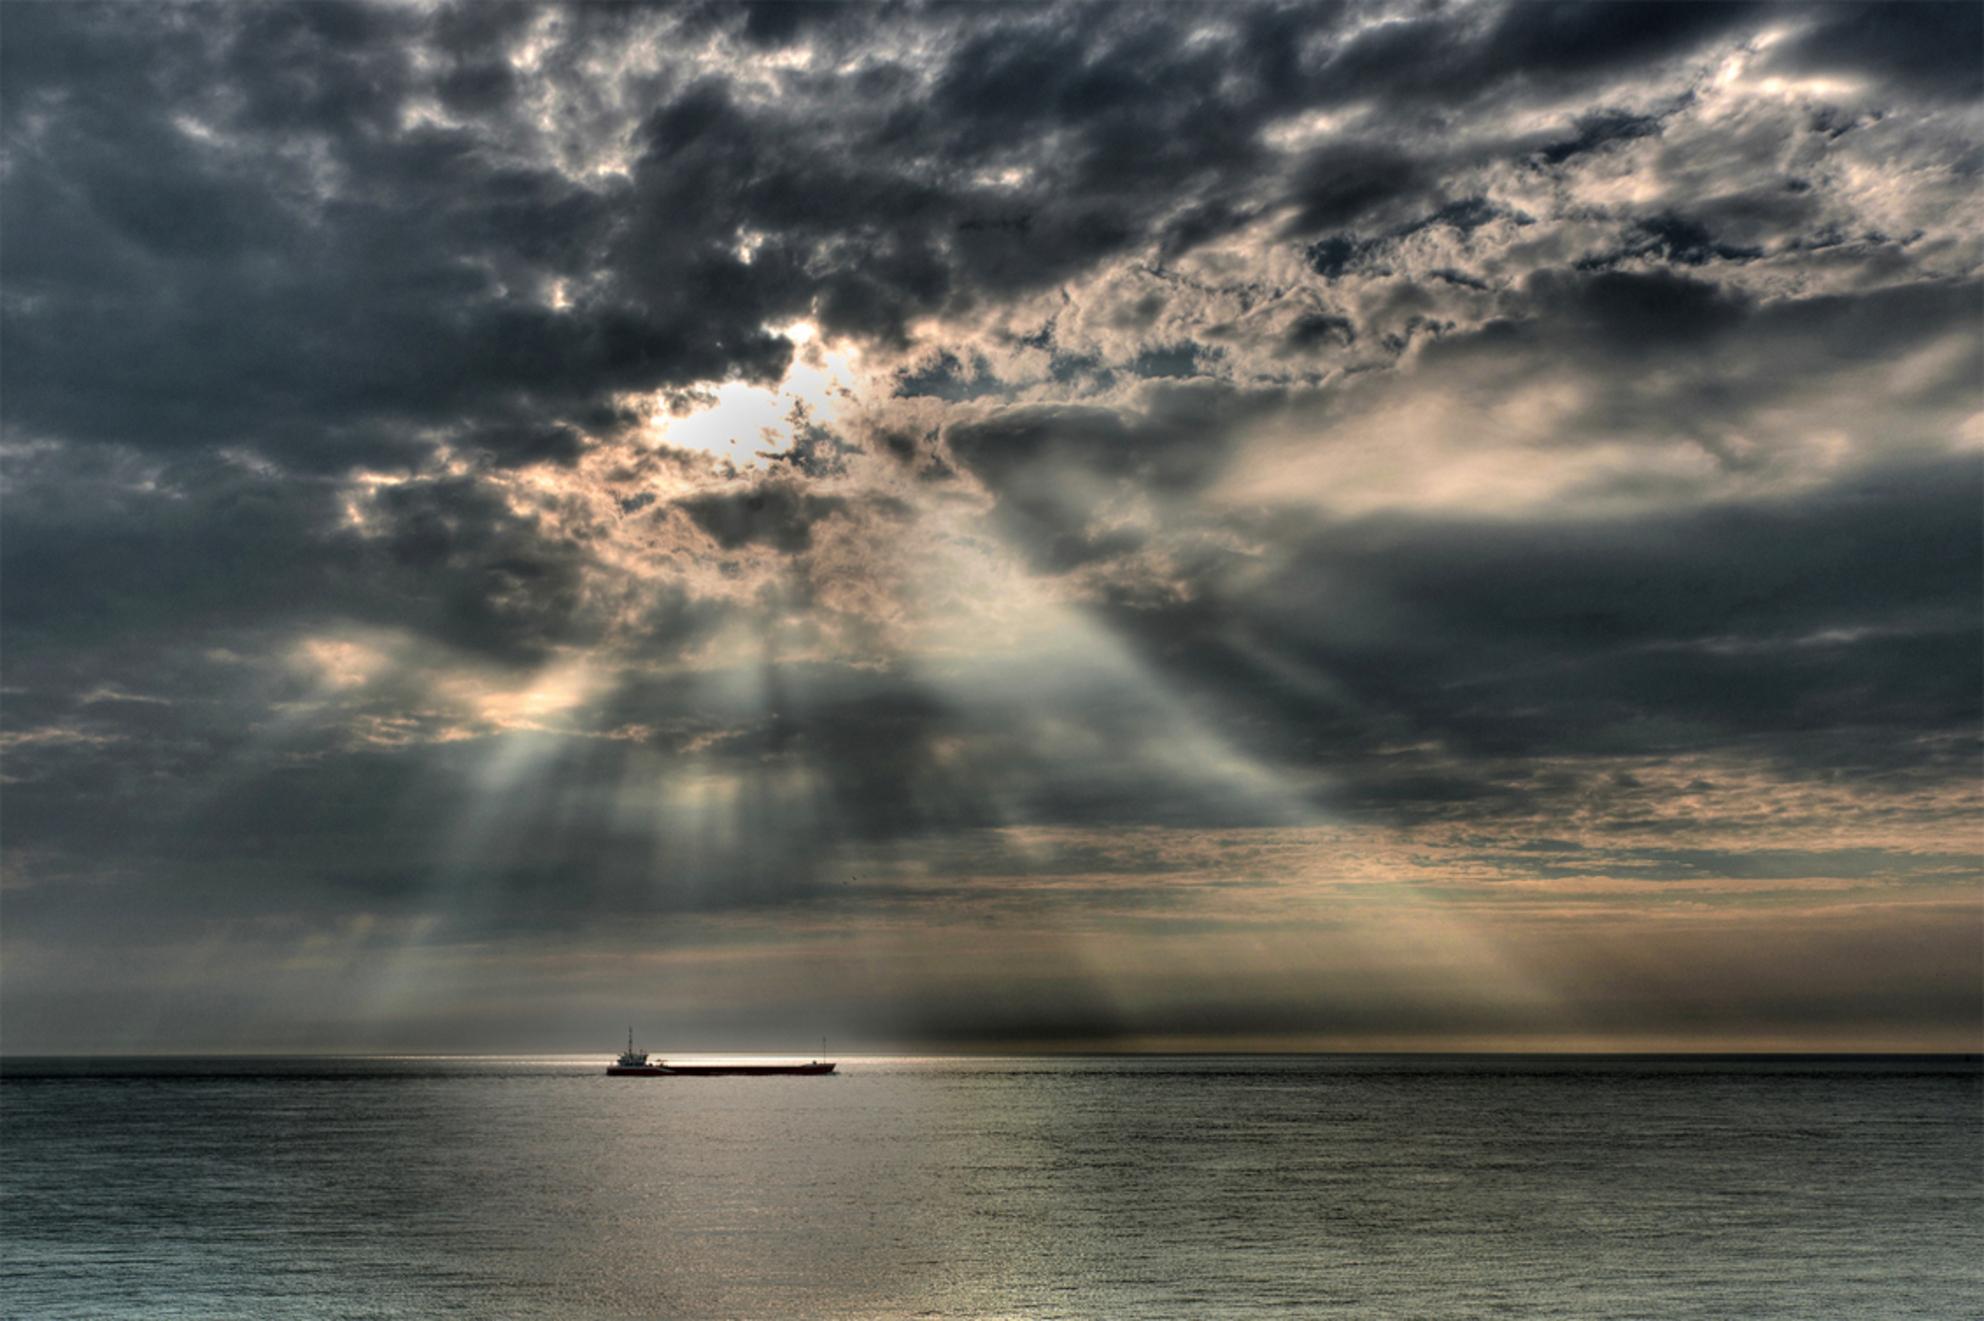 Behouden vaart?! - Mooie lichtval door een gaatje in de zware bewolking. Met HDR nog een beetje aangezet... - foto door hlavooij op 26-07-2013 - deze foto bevat: lucht, wolken, strand, zee, zeeland, schip, noordzee, walcheren, sky, westkapelle